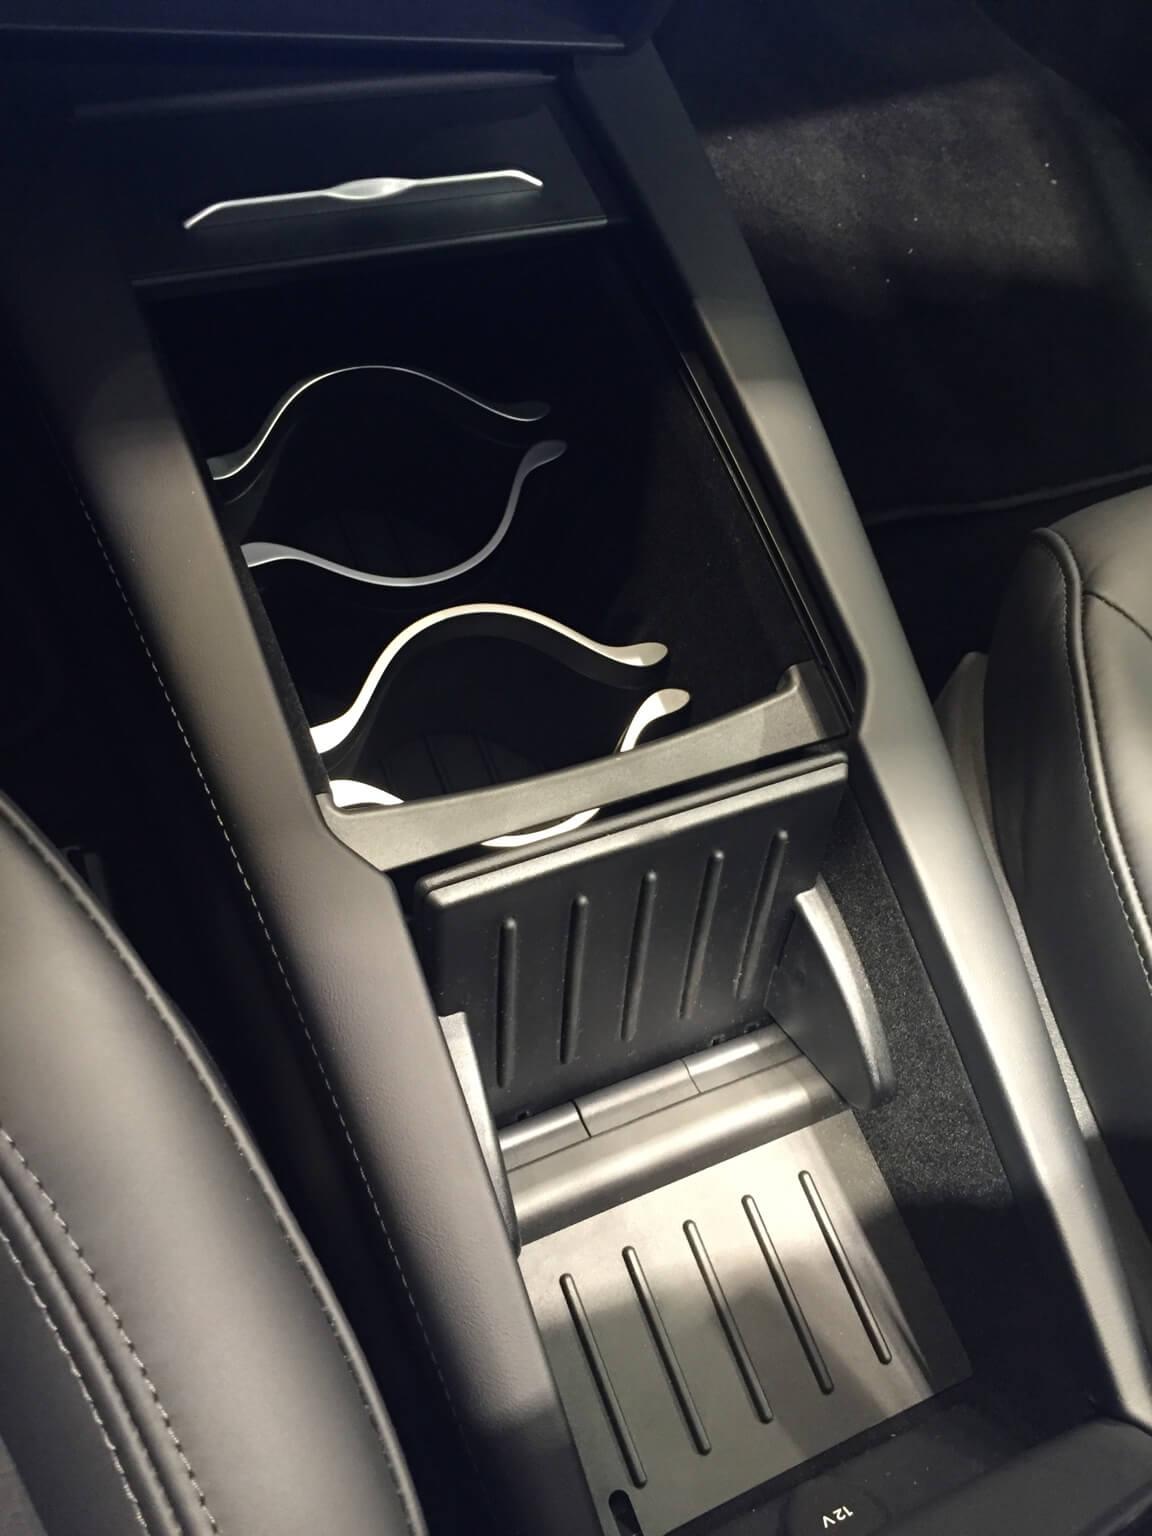 Jede Menge Bilder Vom Neuen Model S Aus Dem M 252 Nchener